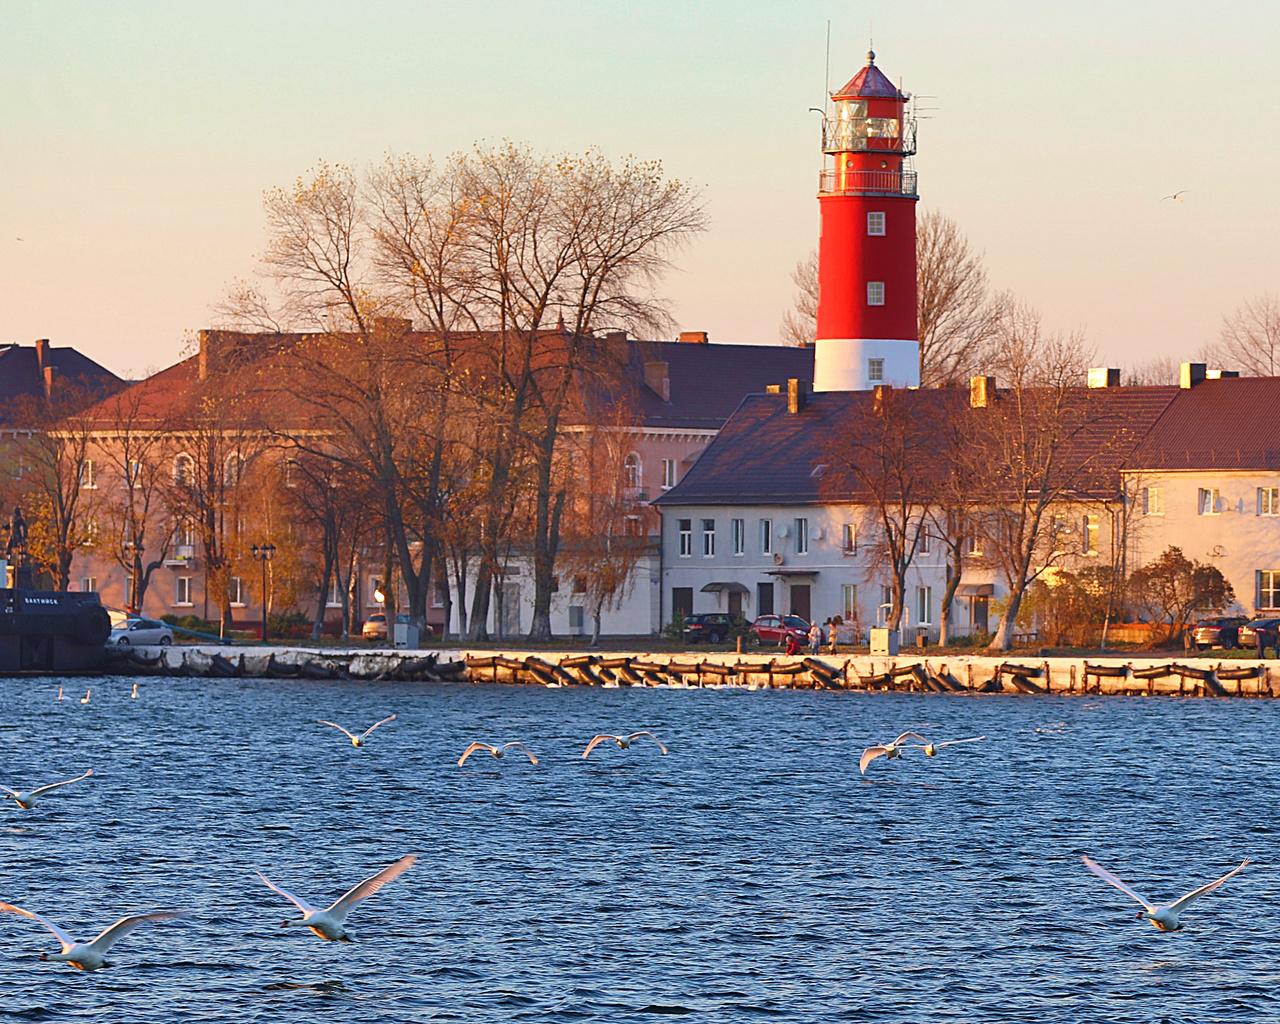 море, лебеди, маяк, люди